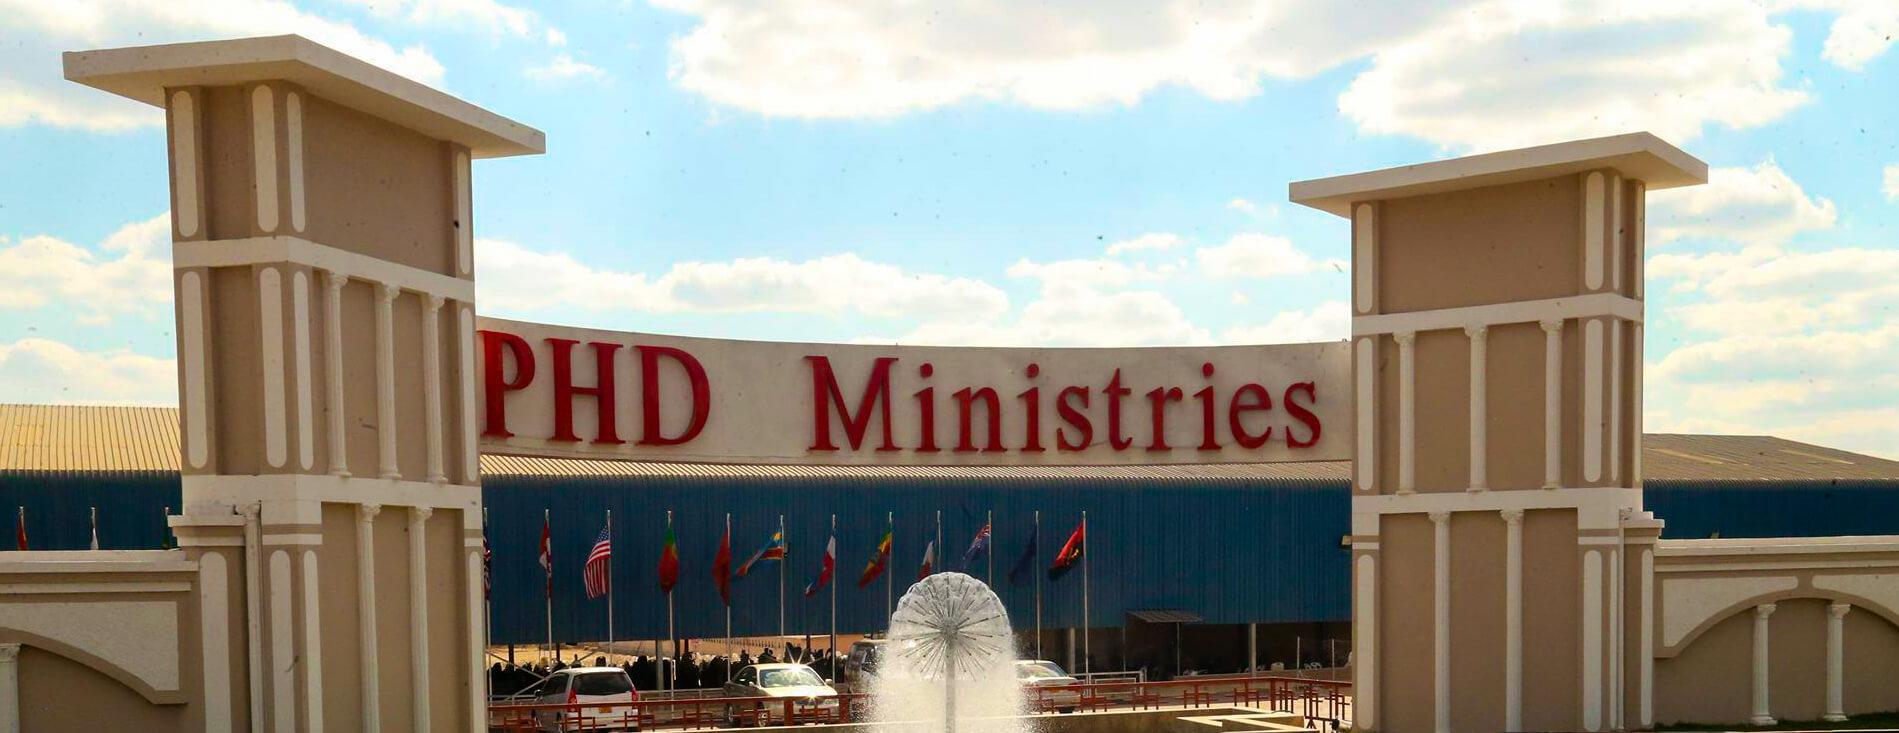 PHD Ministries